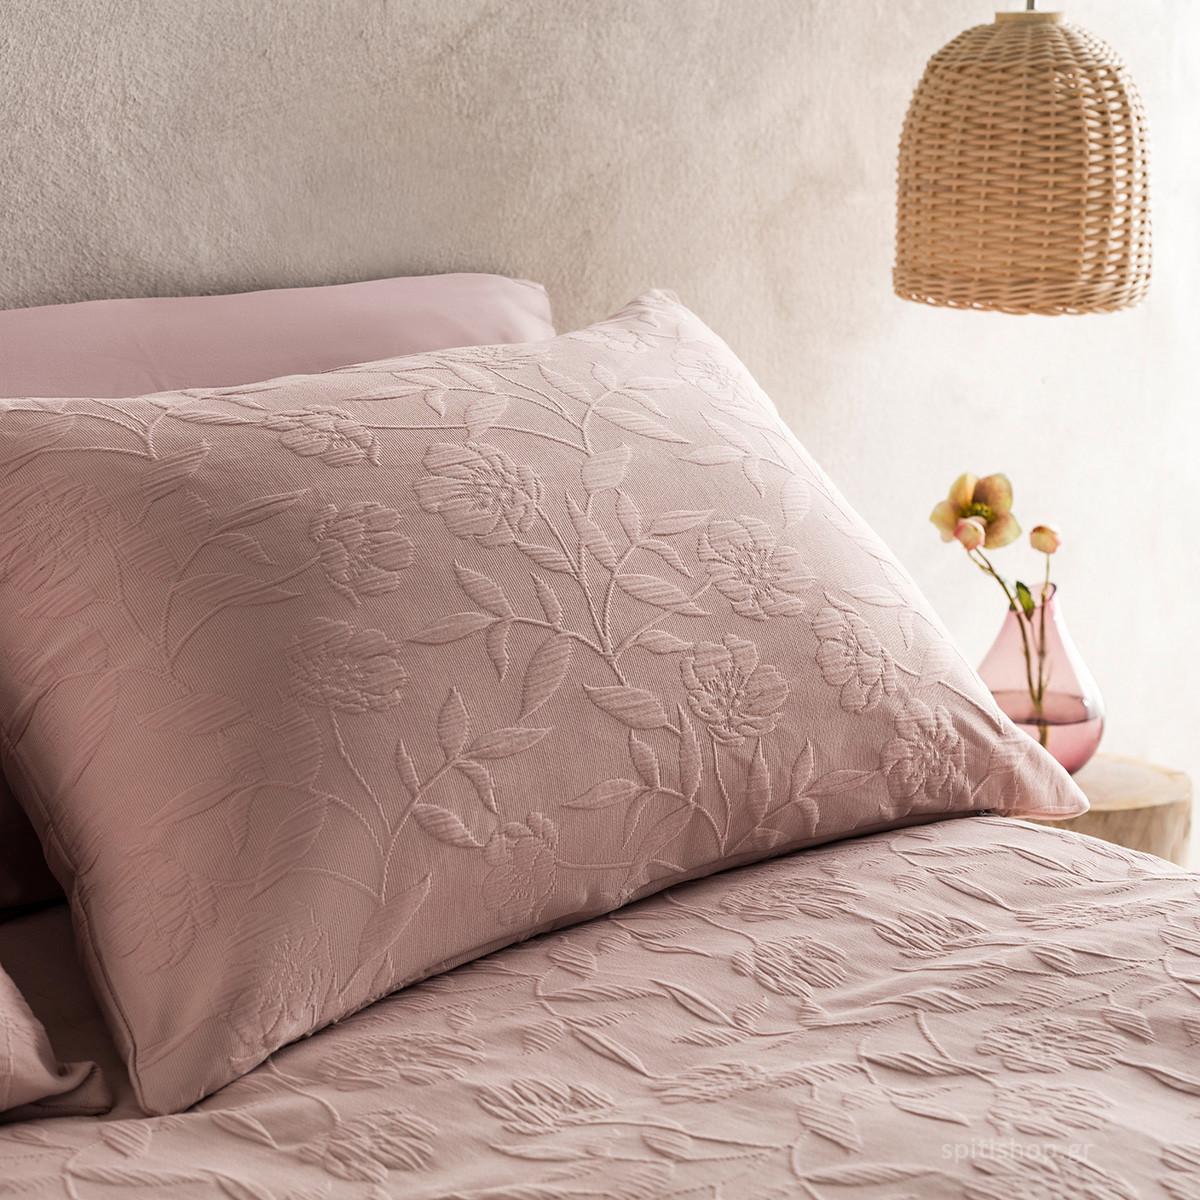 Μαξιλαροθήκη Ύπνου Gofis Home Laurele Pink 978/17